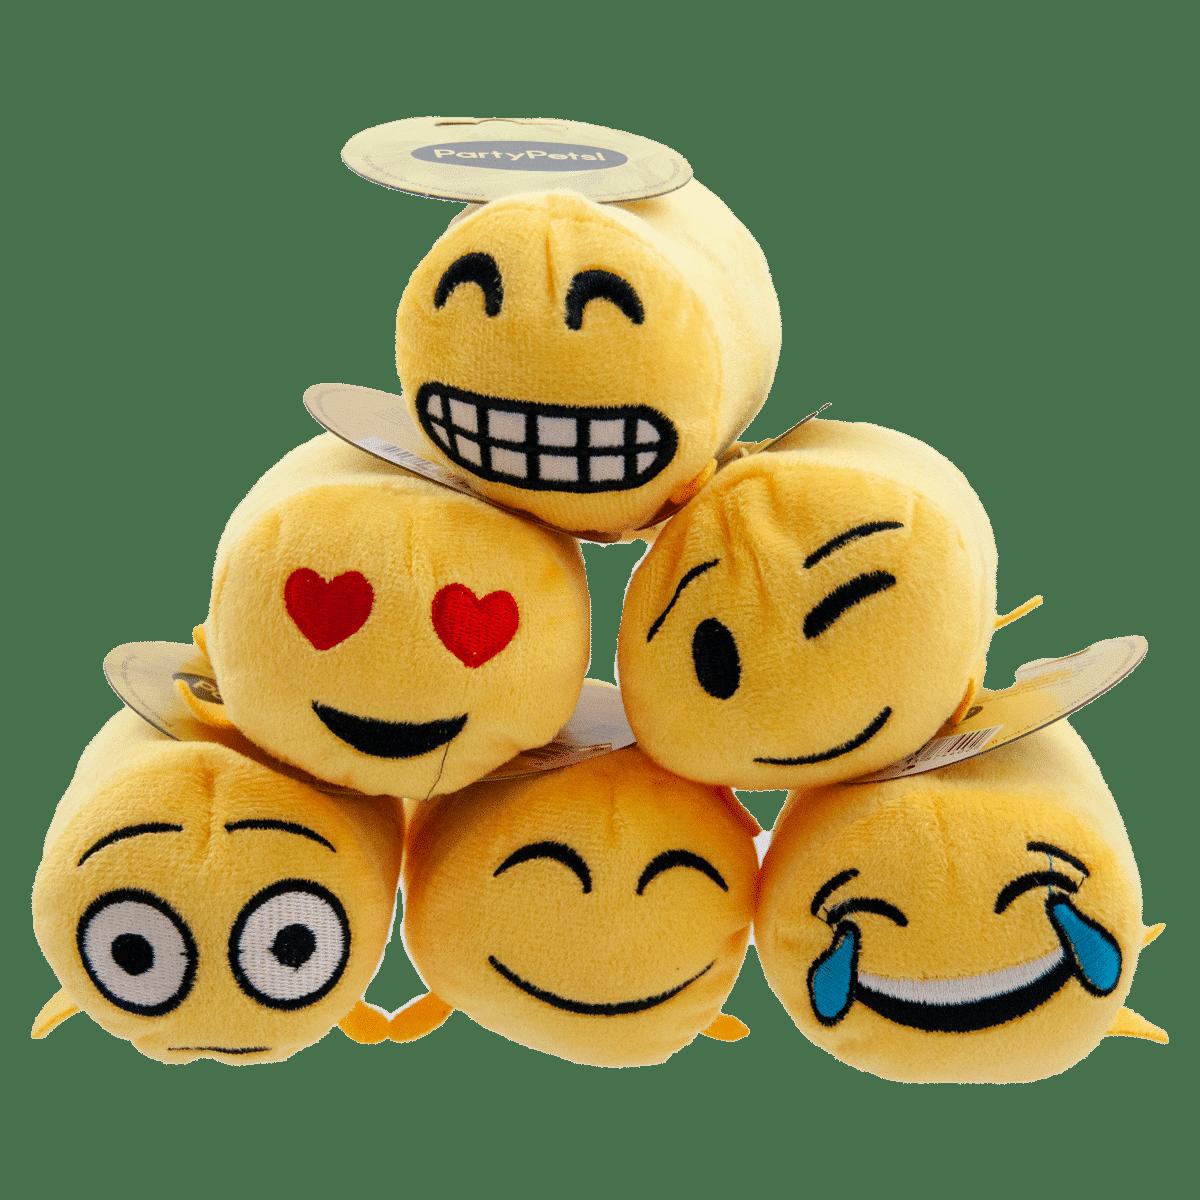 Roliga smileys- hundleksaker i mjuk plysch